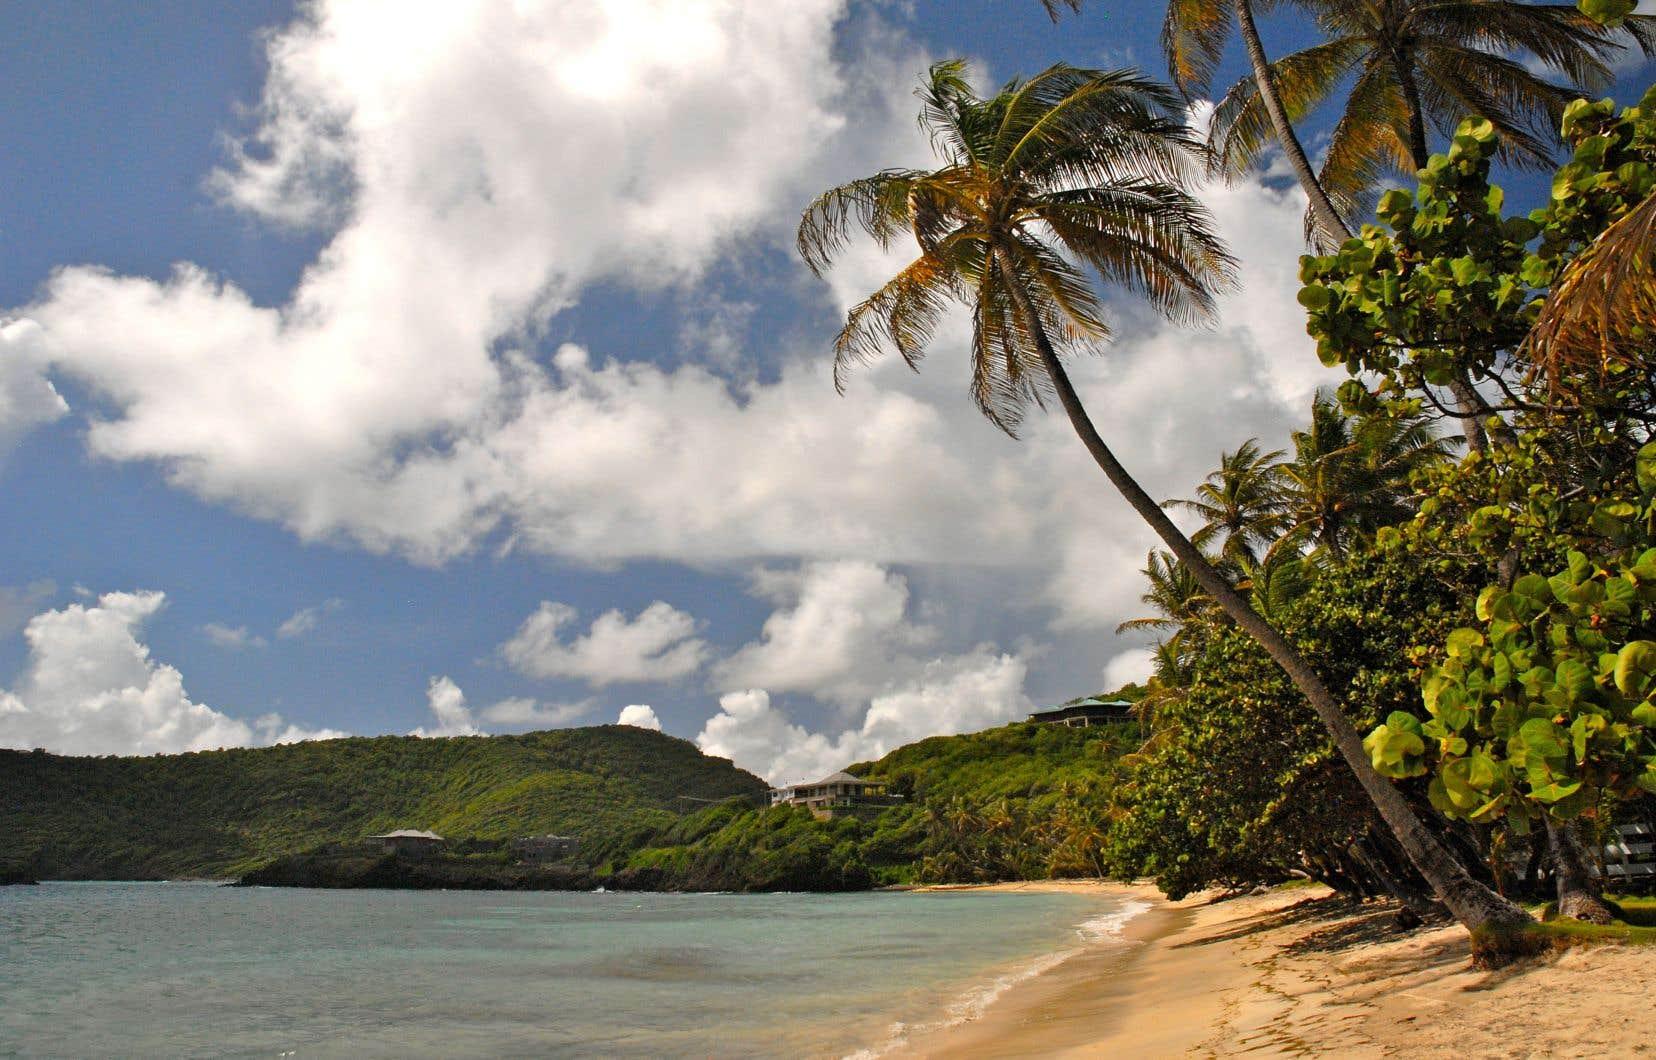 Une des splendides plages de l'archipel de Saint-Vincent-et-les-Grenadines, une destination qui n'a pas été touchée par les ouragans cet automne.